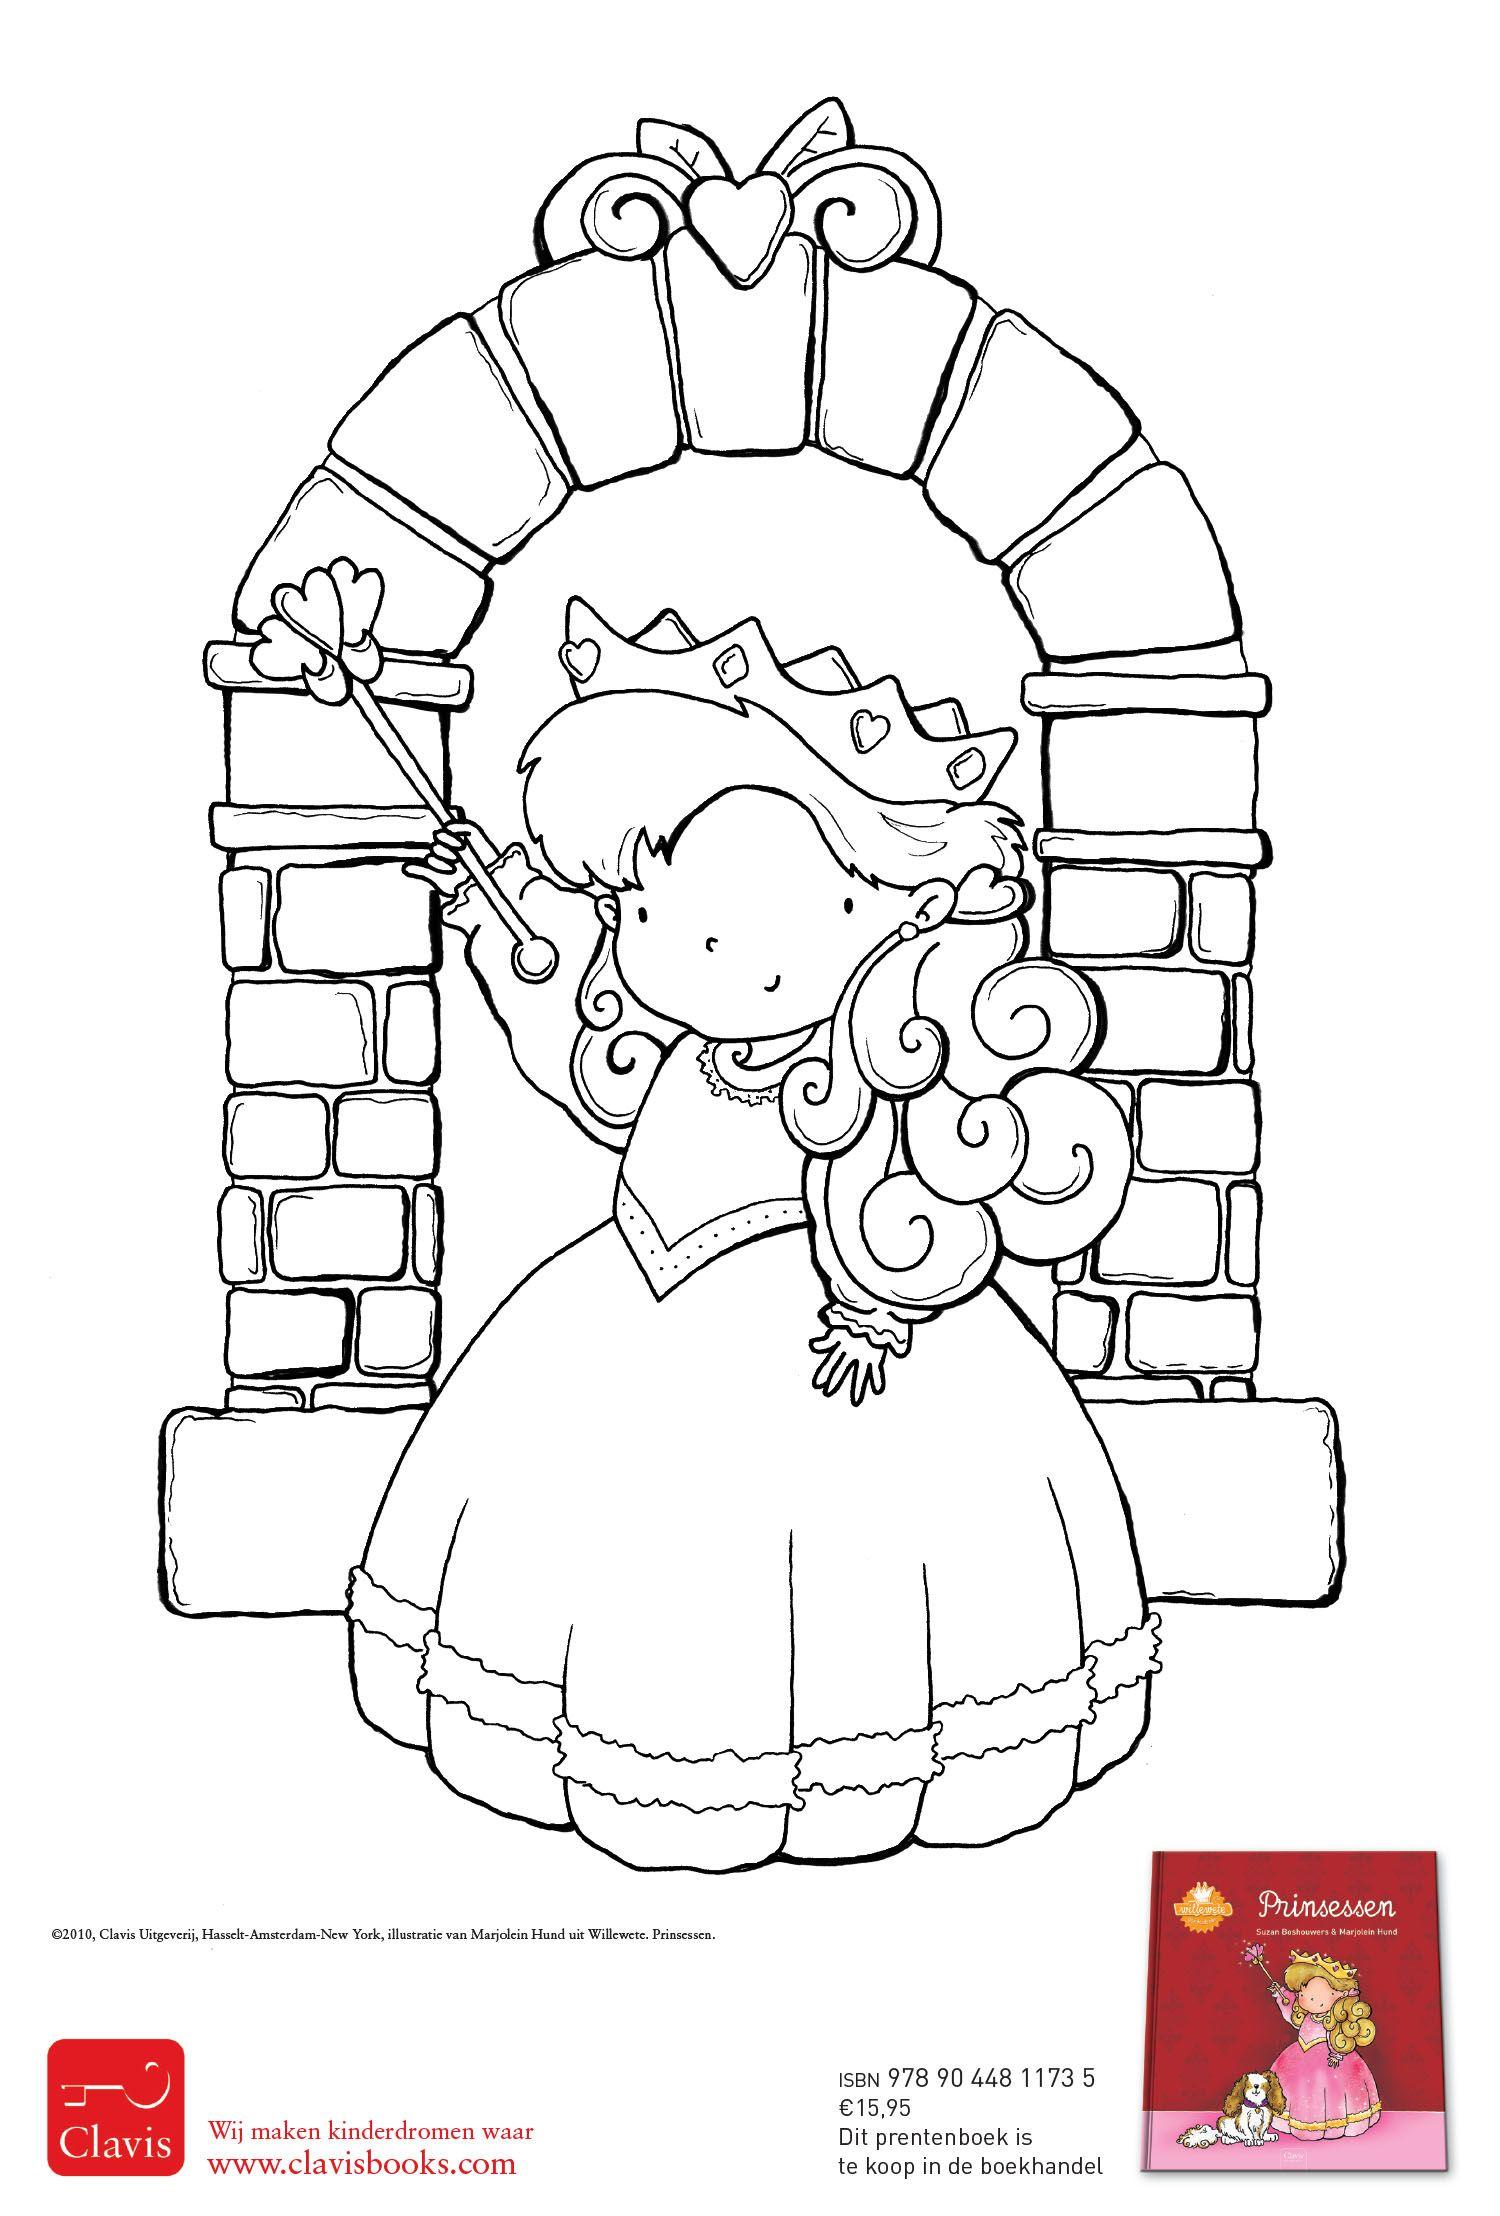 Een Kleurplaat Voor Echte Prinsessen Uit Het Boek Prinsessen Van De Willewete Serie Http Clavisbooks Com Book Willewete Prinse Ridders Sprookjes Prinsessen